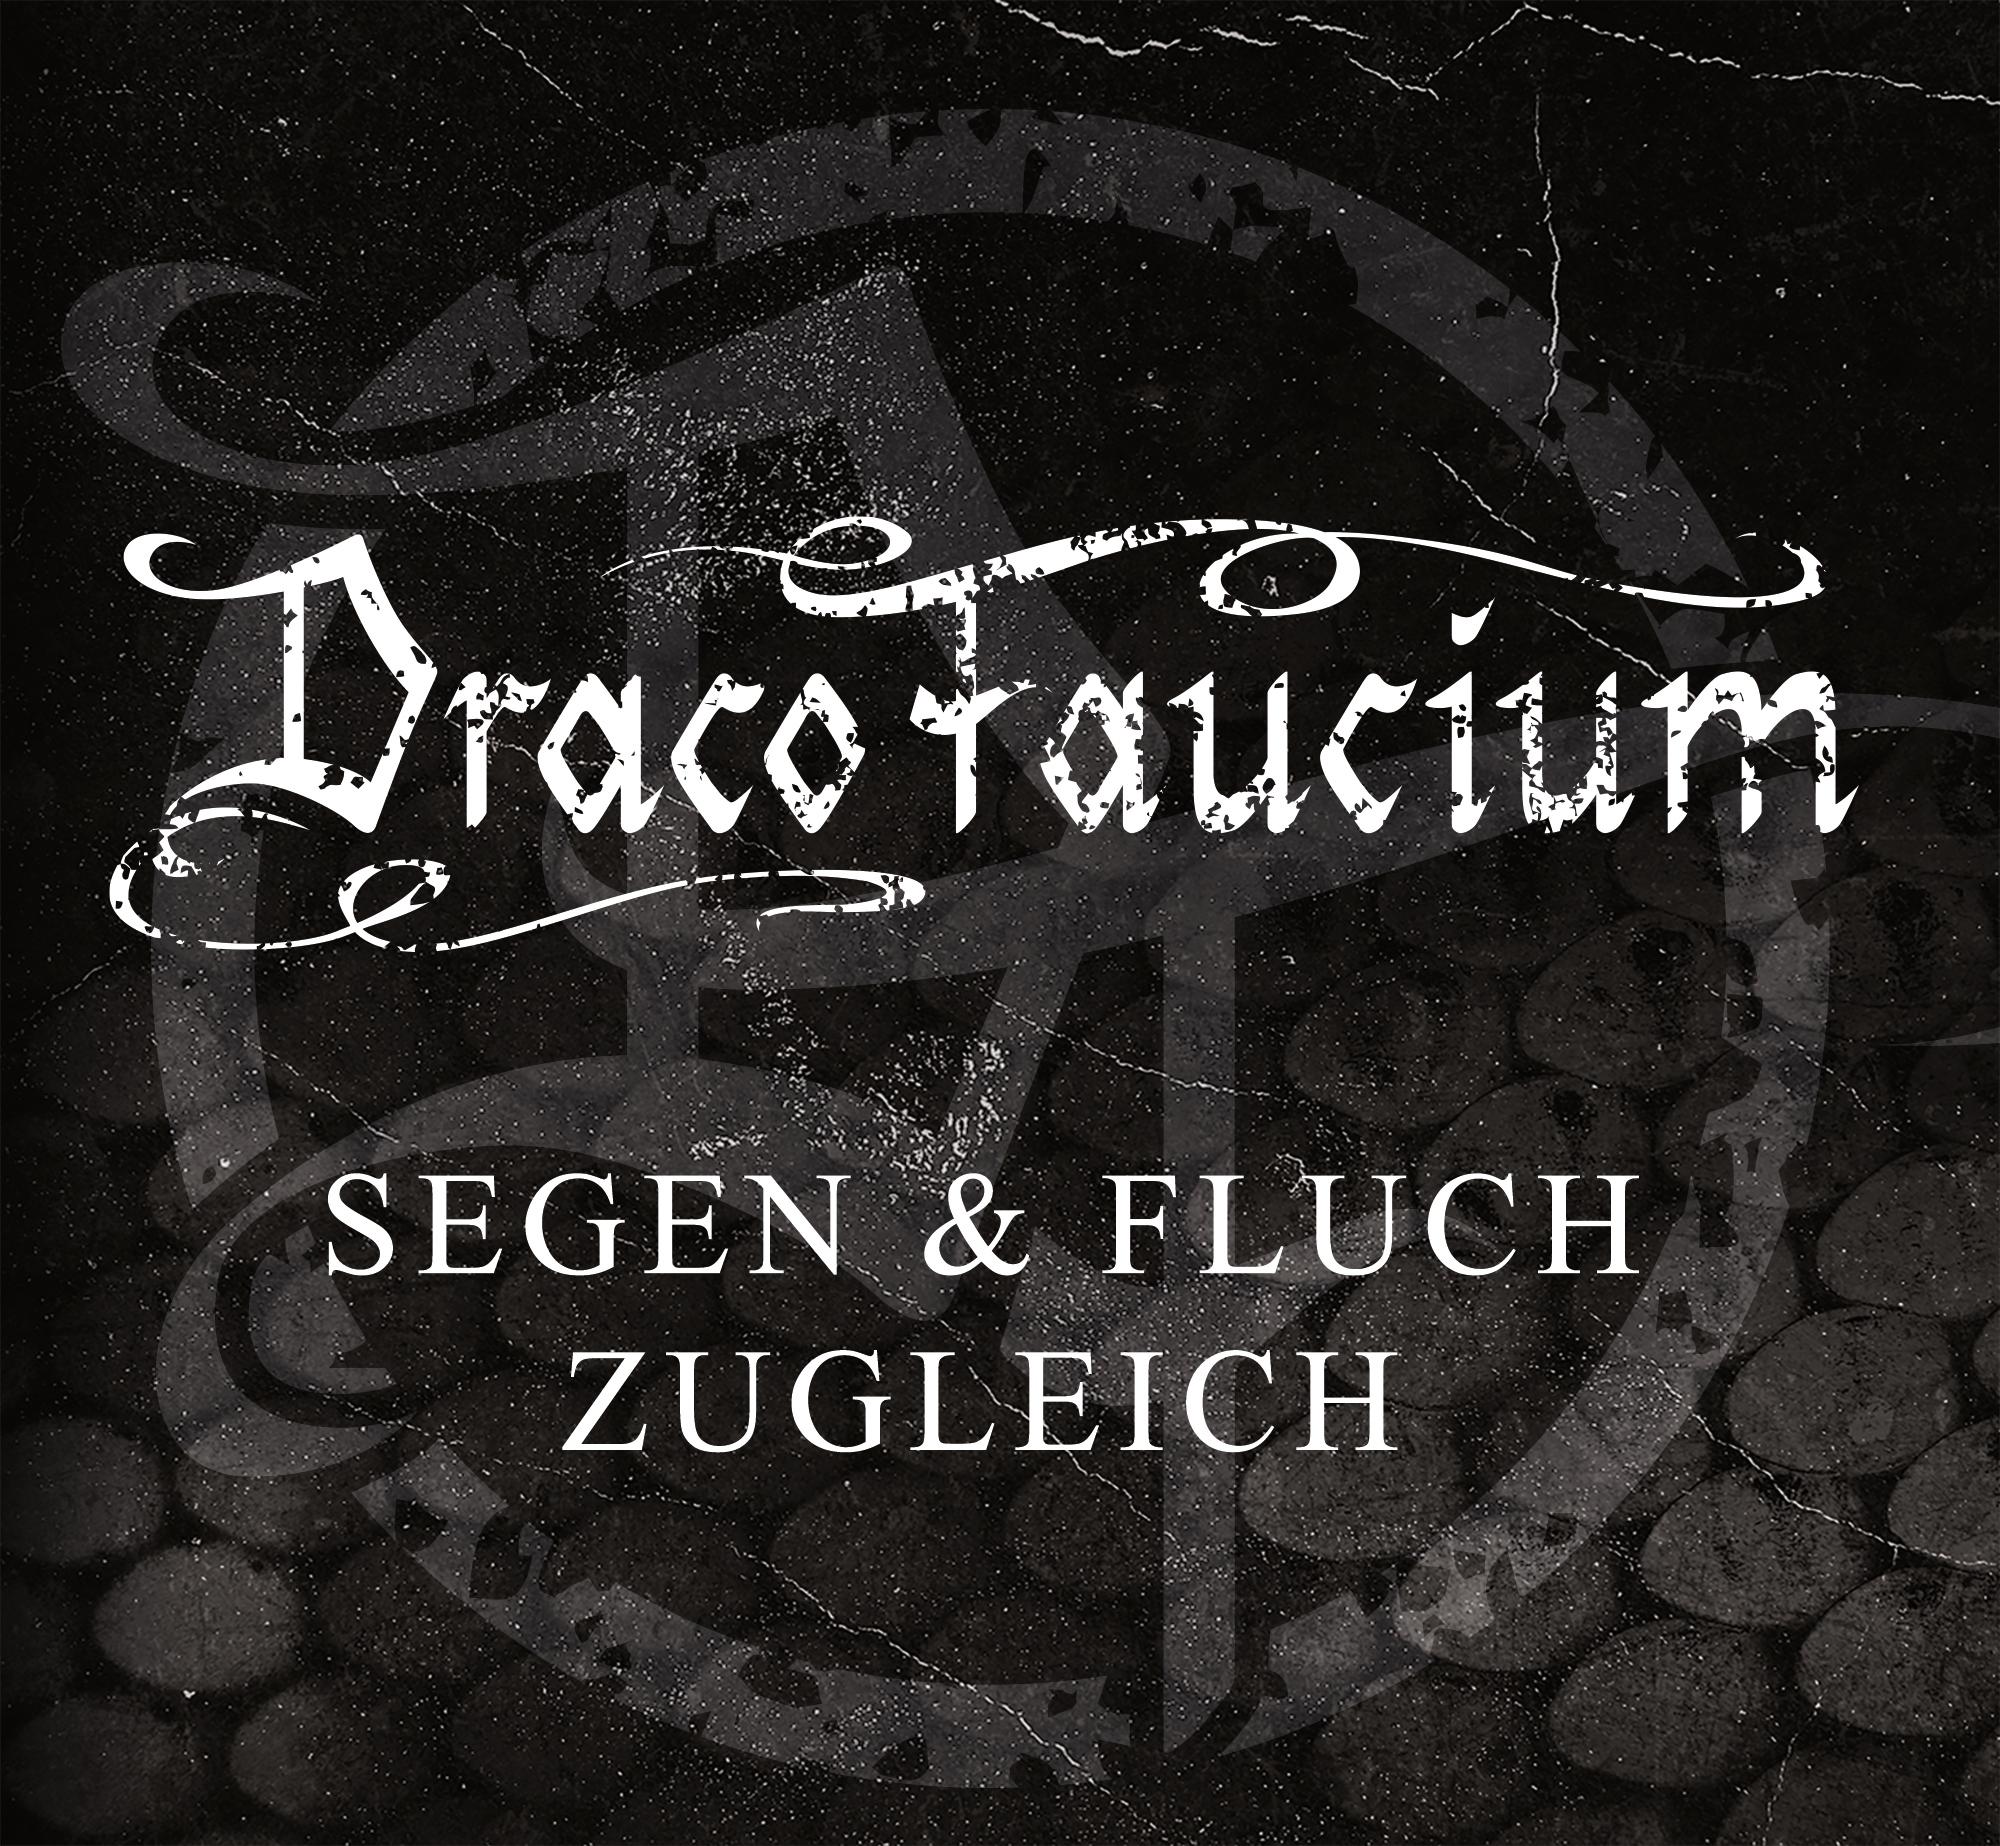 Draco Faucium Segen und Fluch zugleich 2021 Album Cover